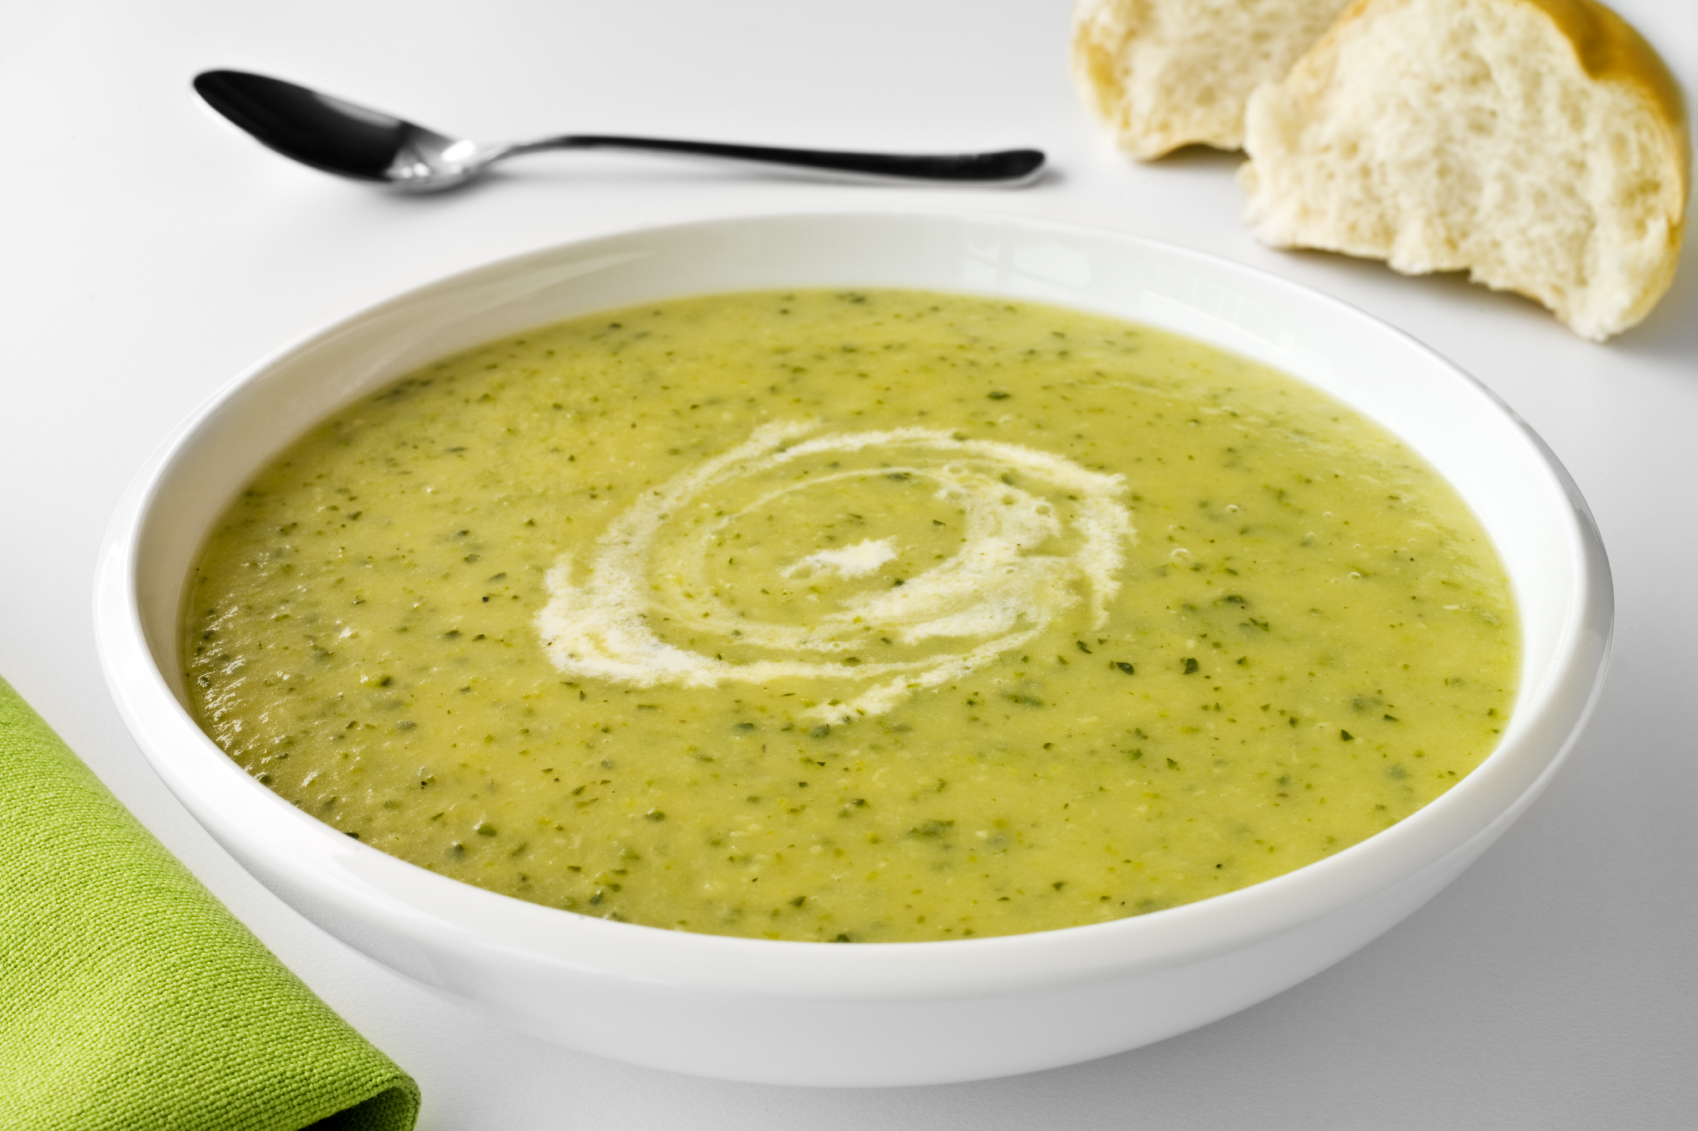 courgette soup with blue cheese: Soppa tal-qarabagħli bil-ġobon tat-tursina